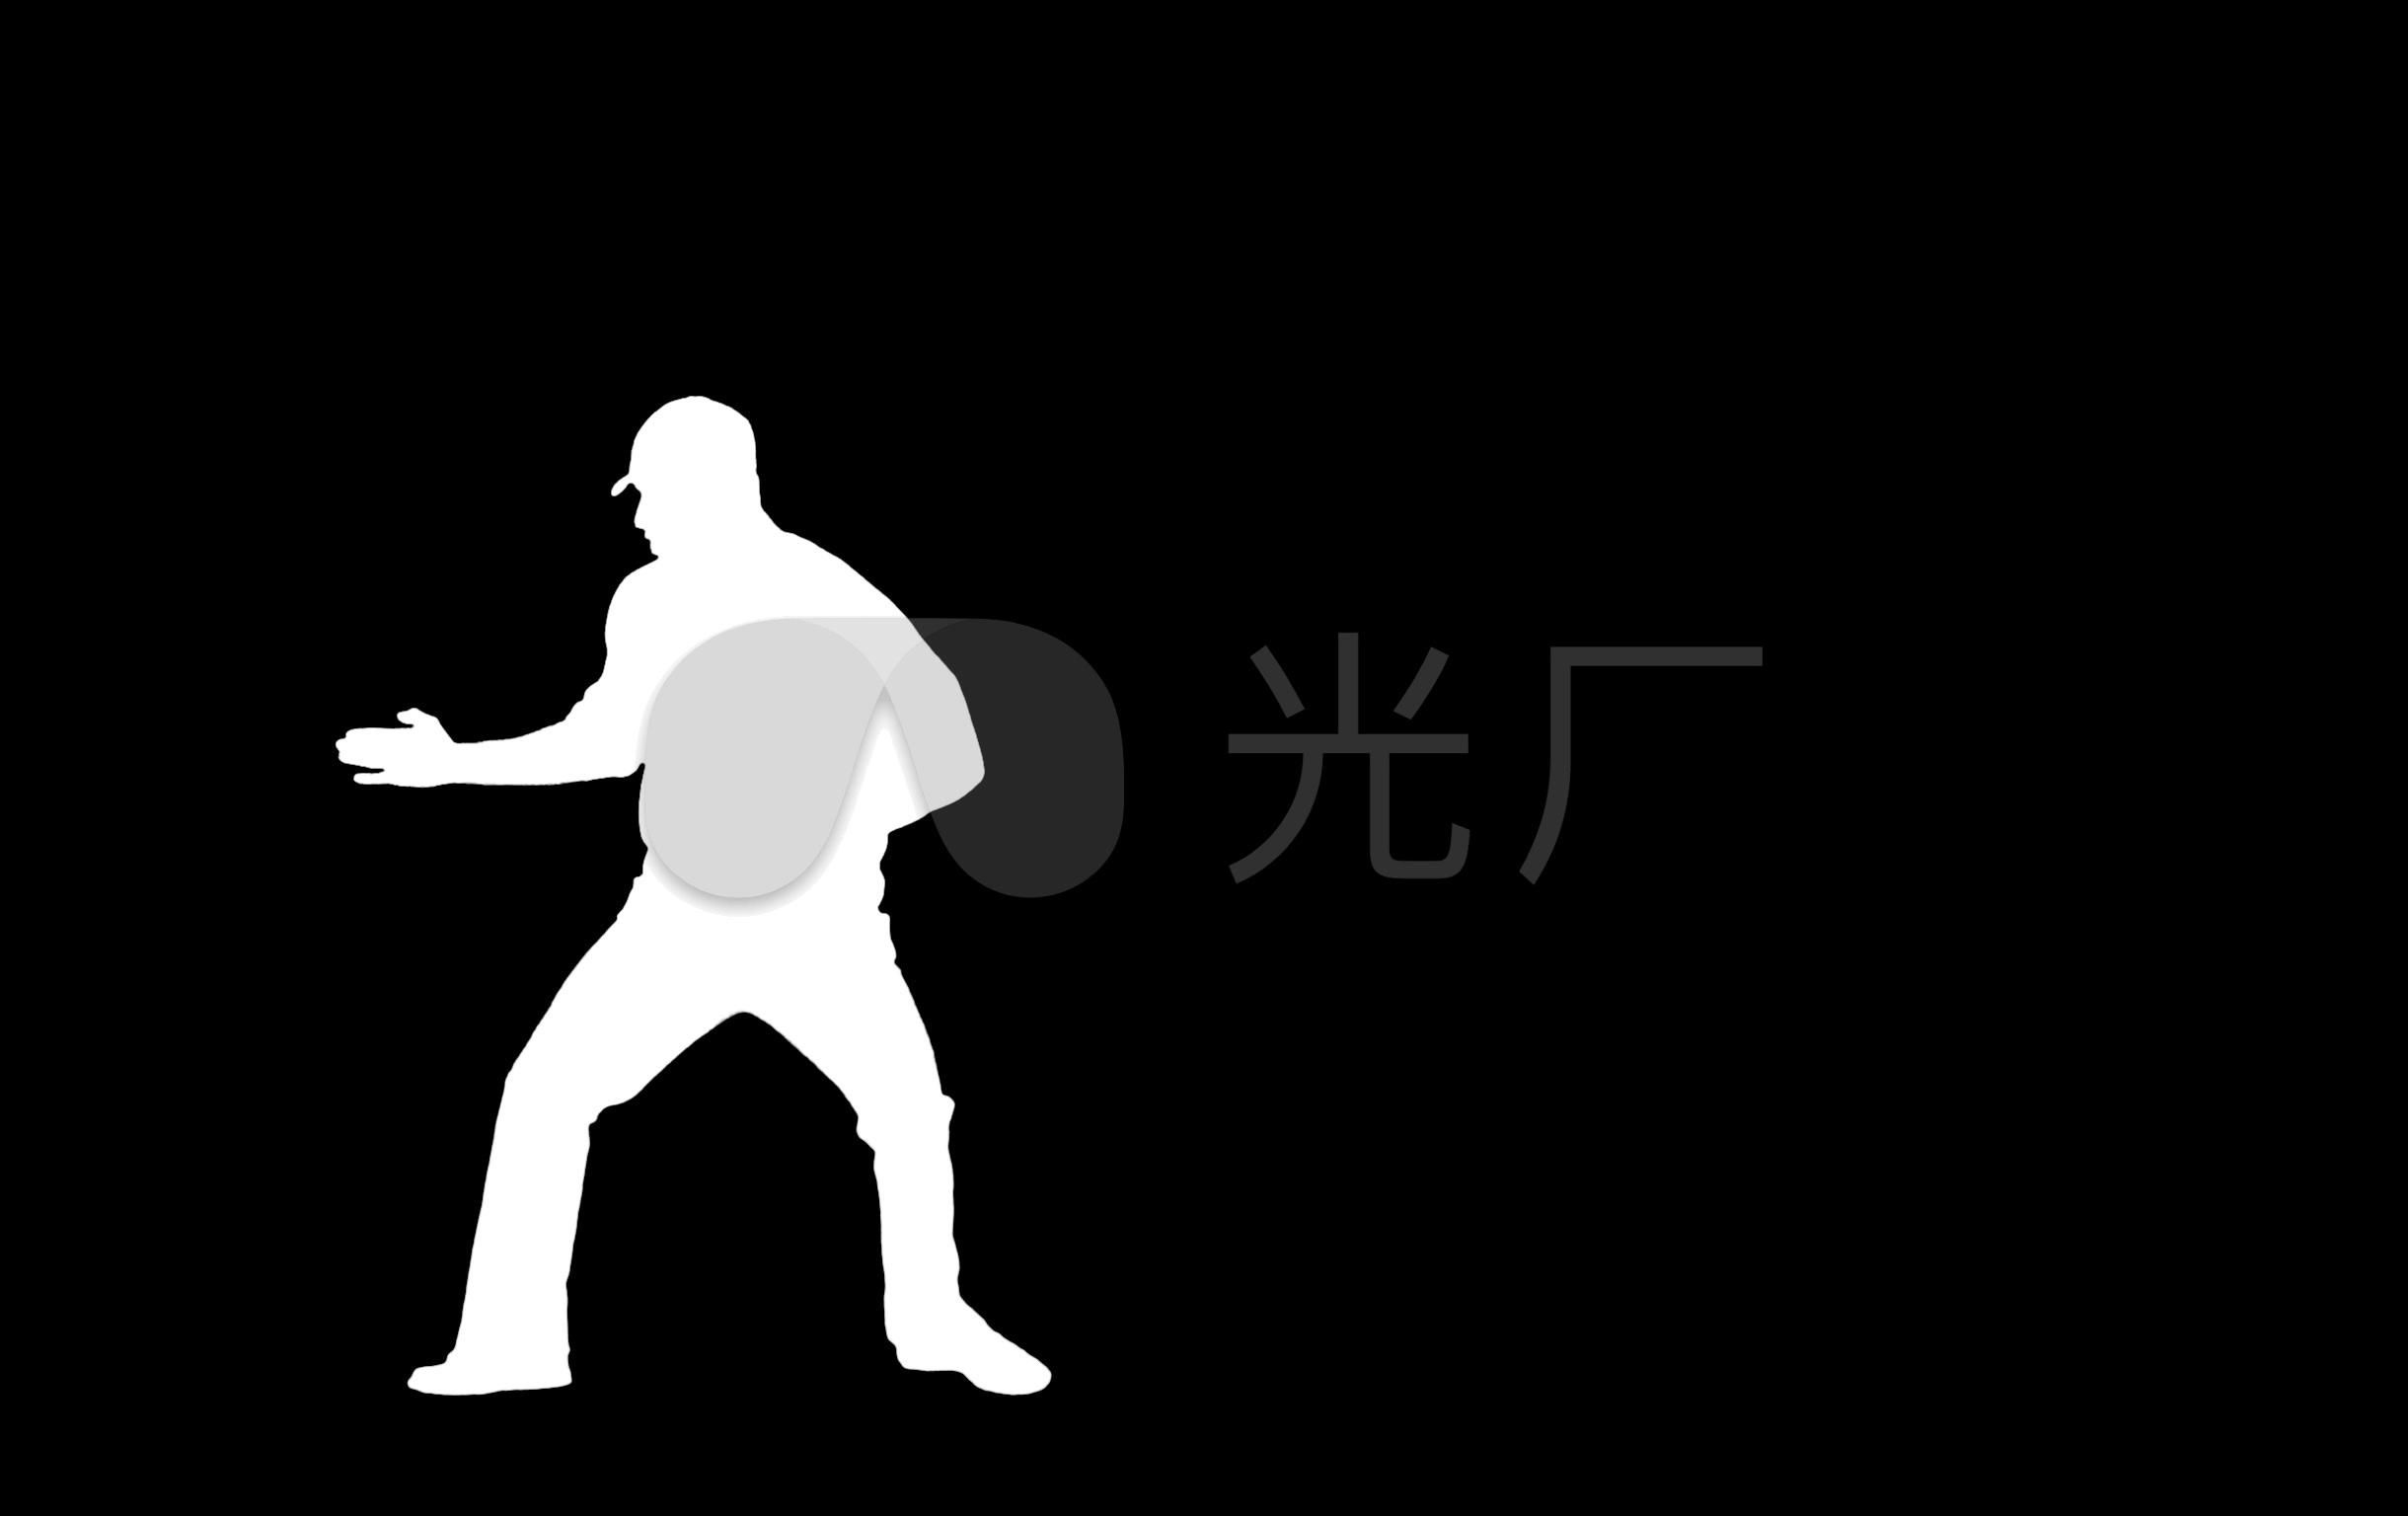 动态剪影教程黑白跳舞抠像男人_2440X1536_学英语视频基础视频零图片